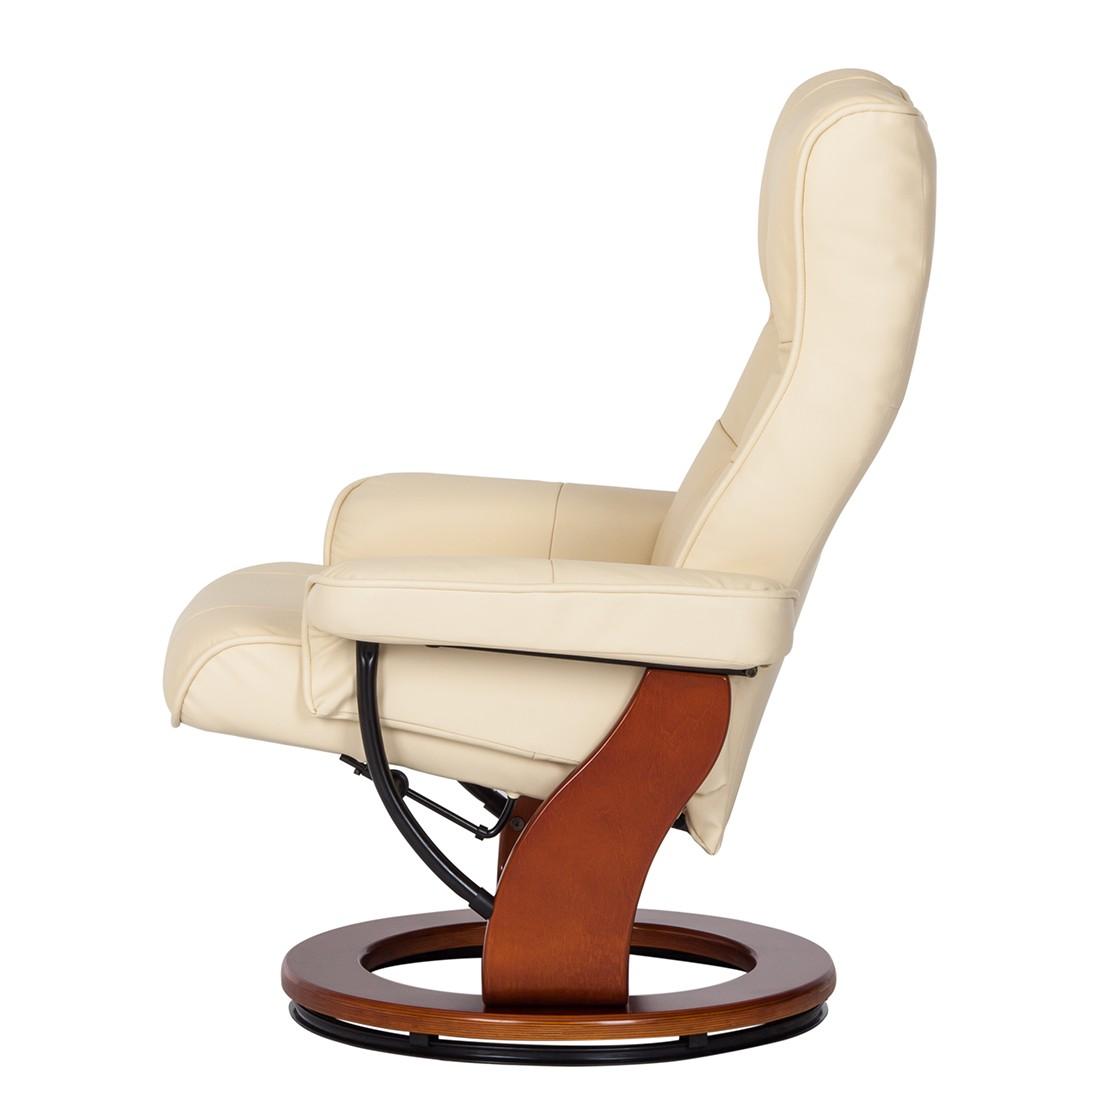 Relax Fauteuil Creme Leer.Relaxfauteuil Van Bellinzona Bij Home24 Bestellen Home24 Nl